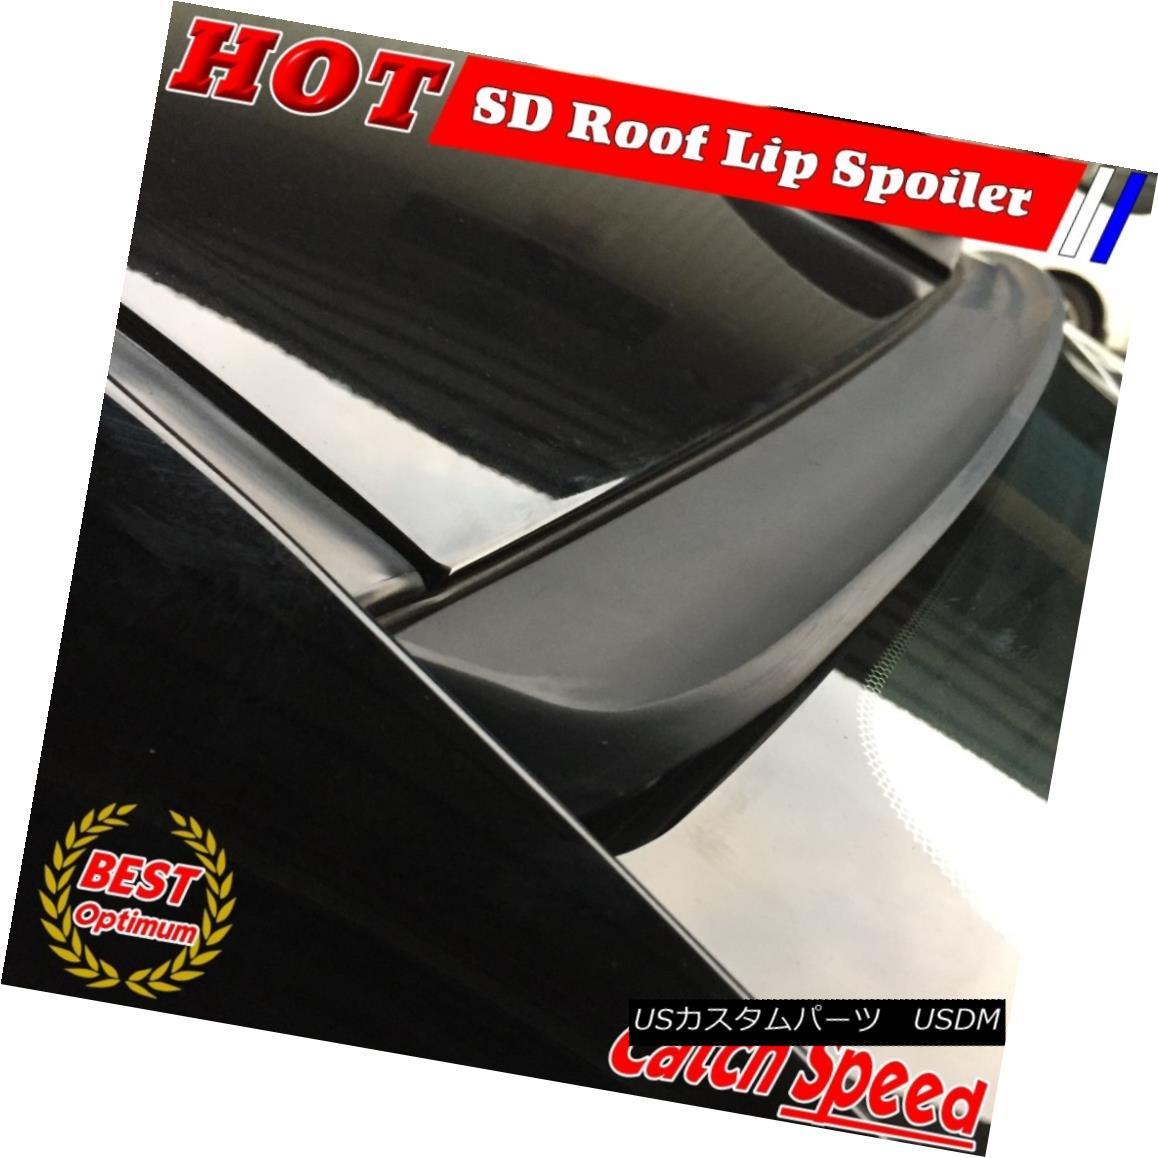 エアロパーツ Painted SD Type Rear Roof Spoiler Wing For Dodge Avenger Sedan 2012 2013 2014 ダッジアベンジャーセダン2012年2014年のための塗装SDタイプのリアルーフスポイラーウィング